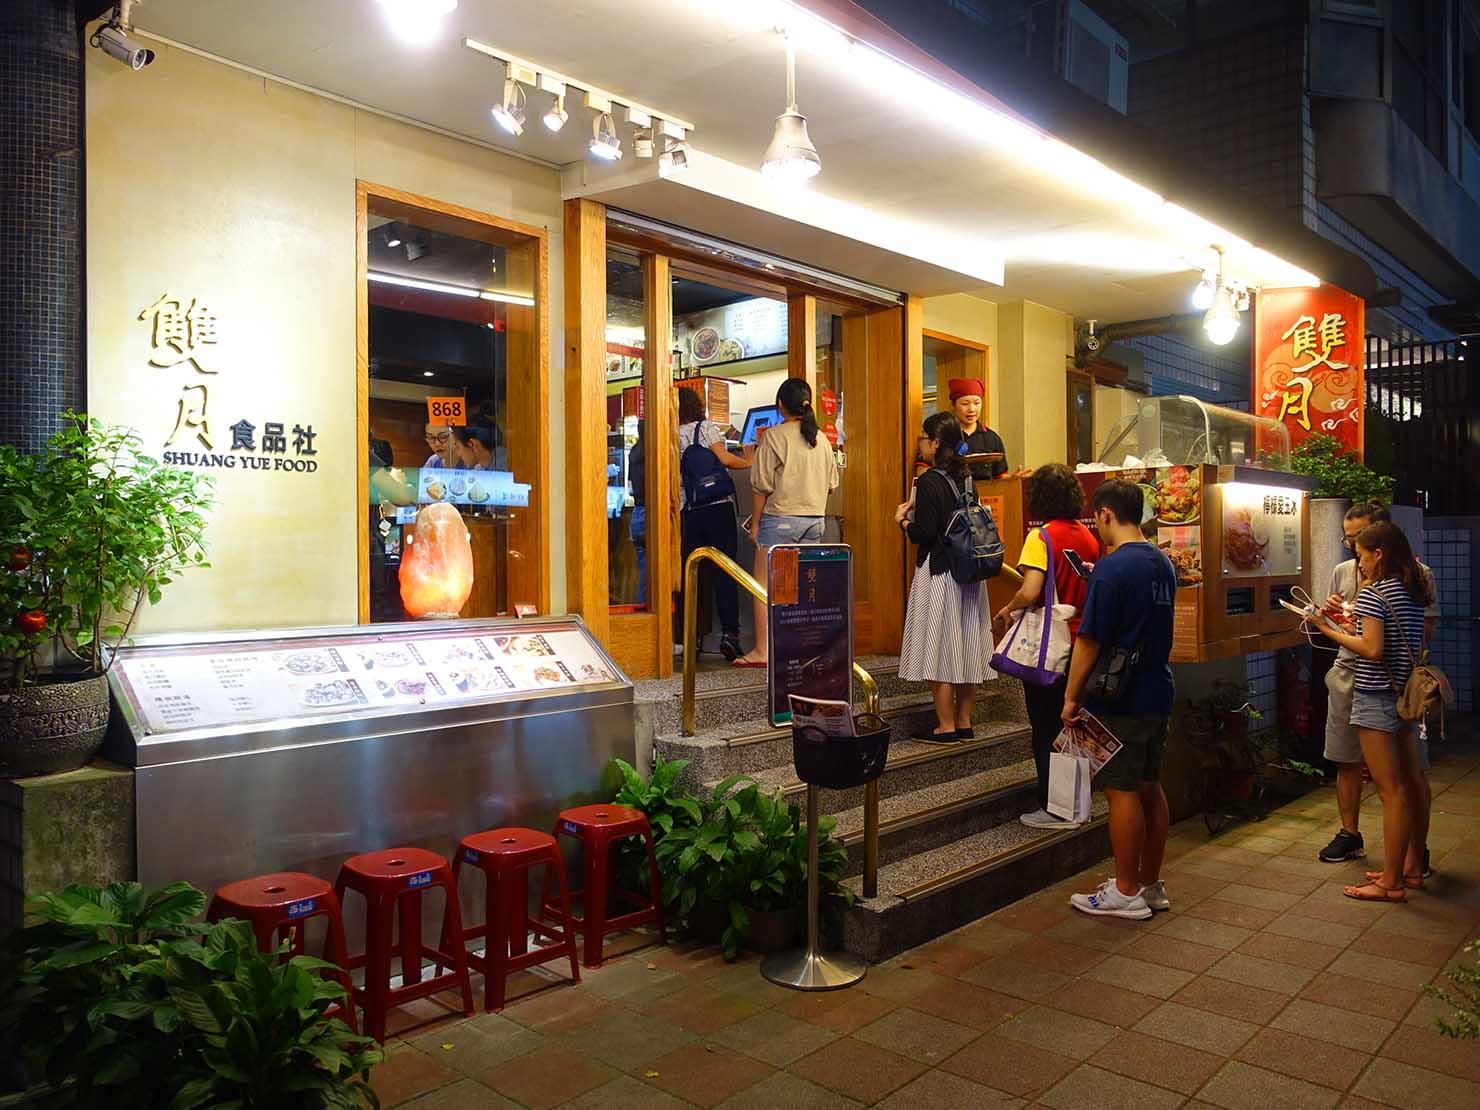 台北・善導寺のおすすめグルメ店「雙月食品社」の外観